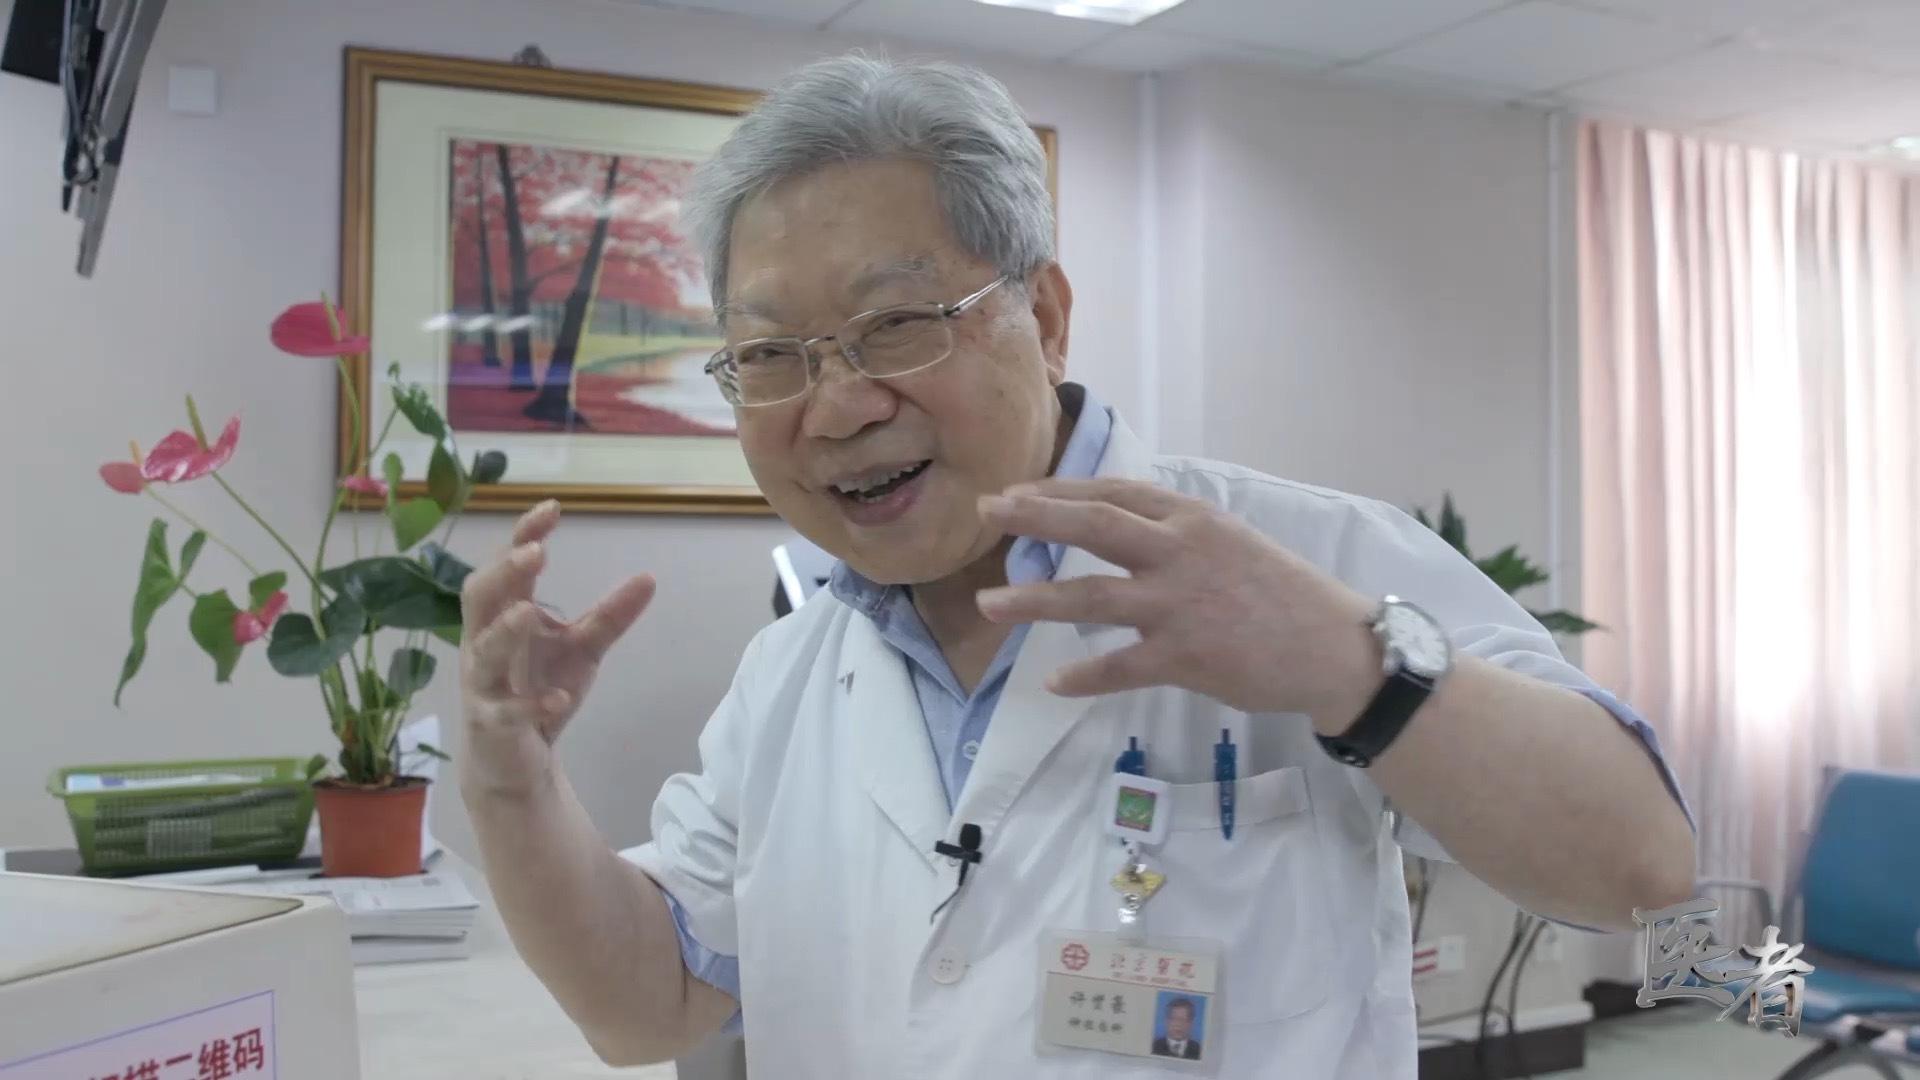 医者 | 许贤豪:做喜欢的事情,就算81岁也不觉得累